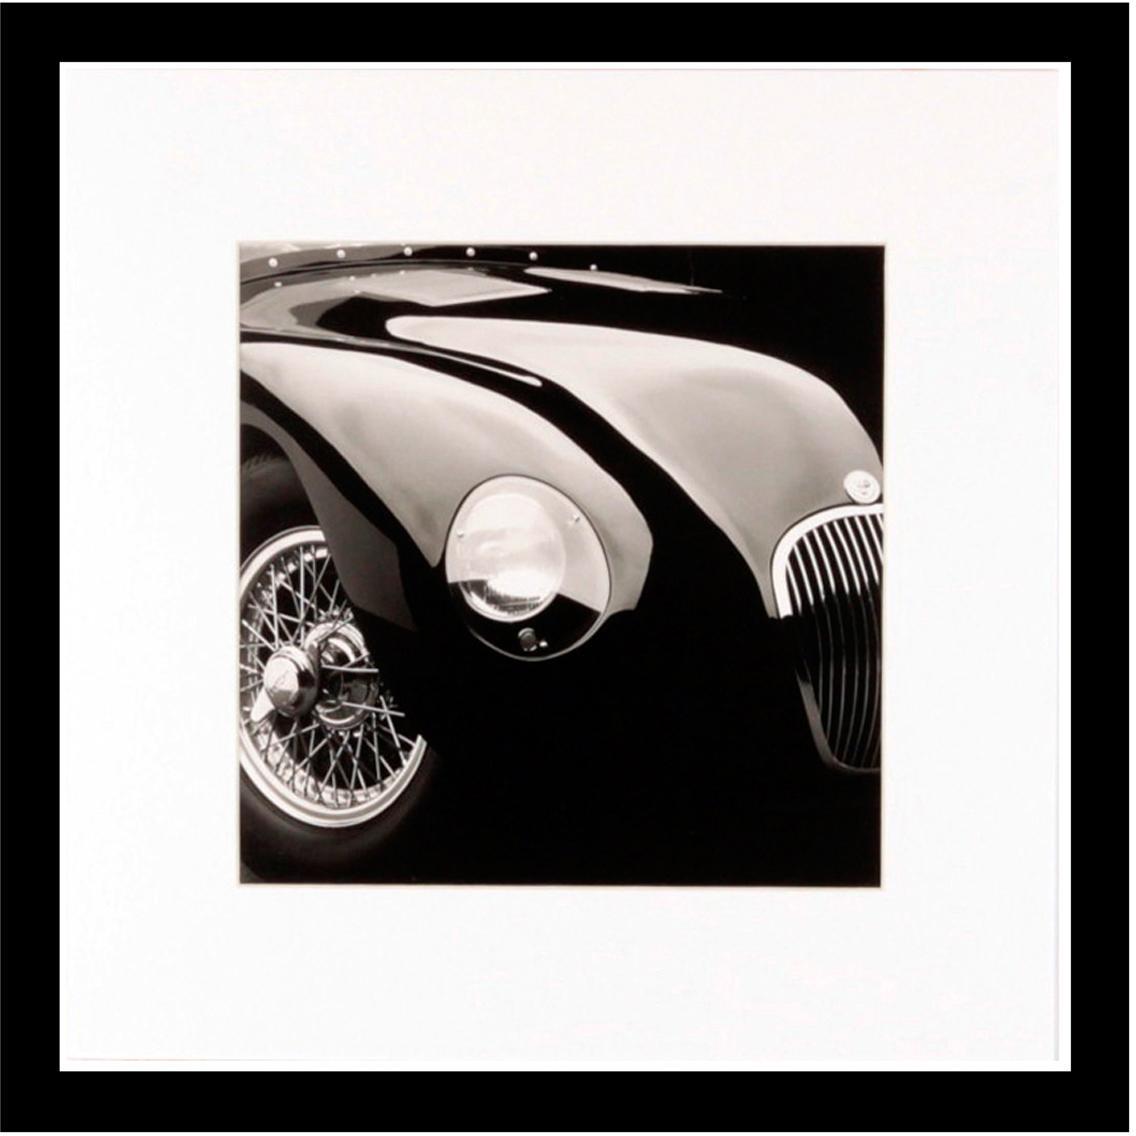 Gerahmter Digitaldruck Oldtimer II, Bild: Digitaldruck, Rahmen: Kunststoff, Front: Glas, Bild: Schwarz, Weiß<br>Rahmen: Schwarz, 30 x 30 cm